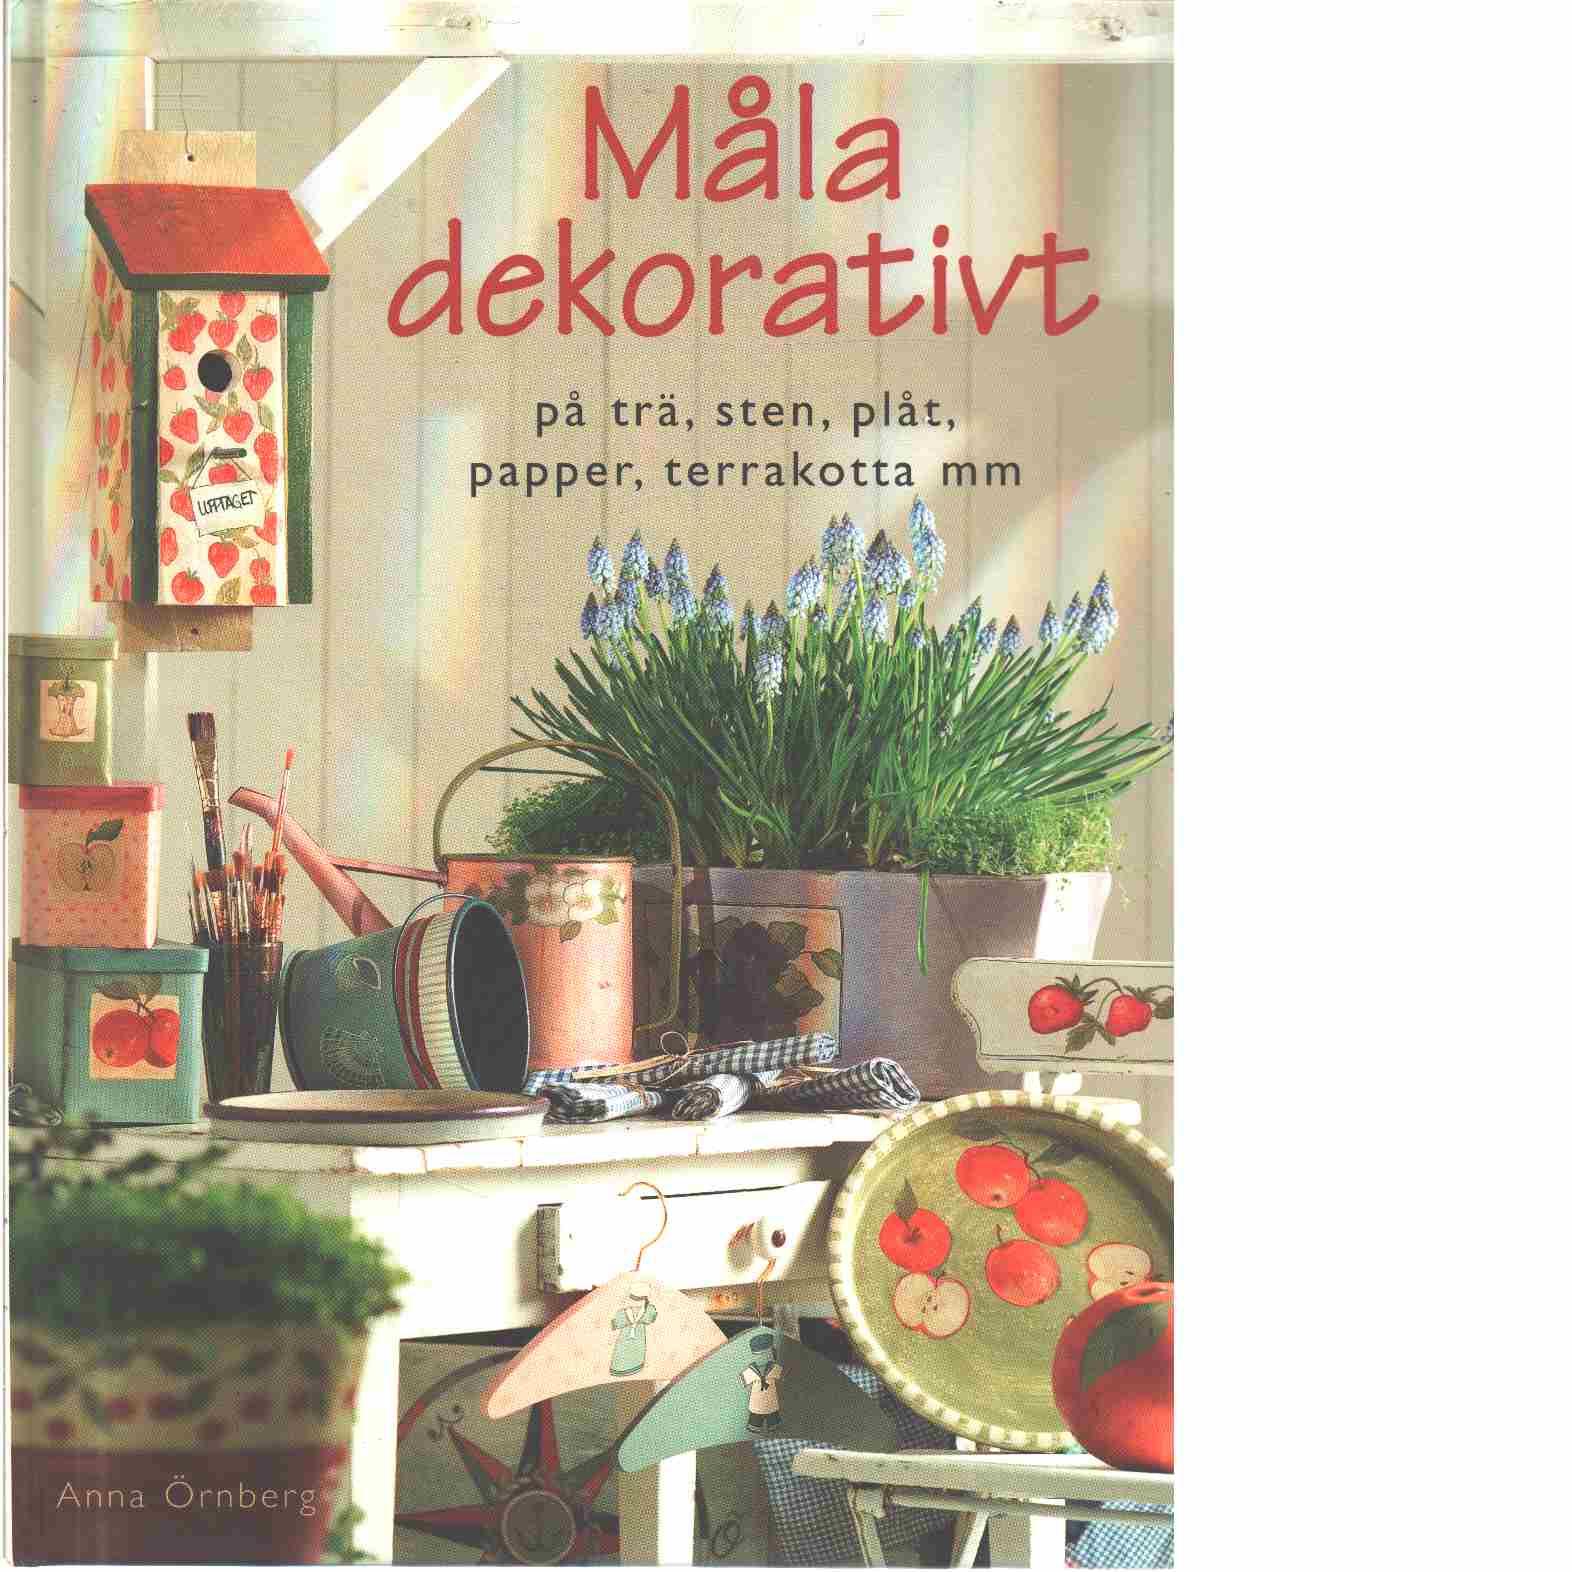 Måla dekorativt : [på trä, sten, plåt, papper, terrakotta mm - Örnberg, Anna